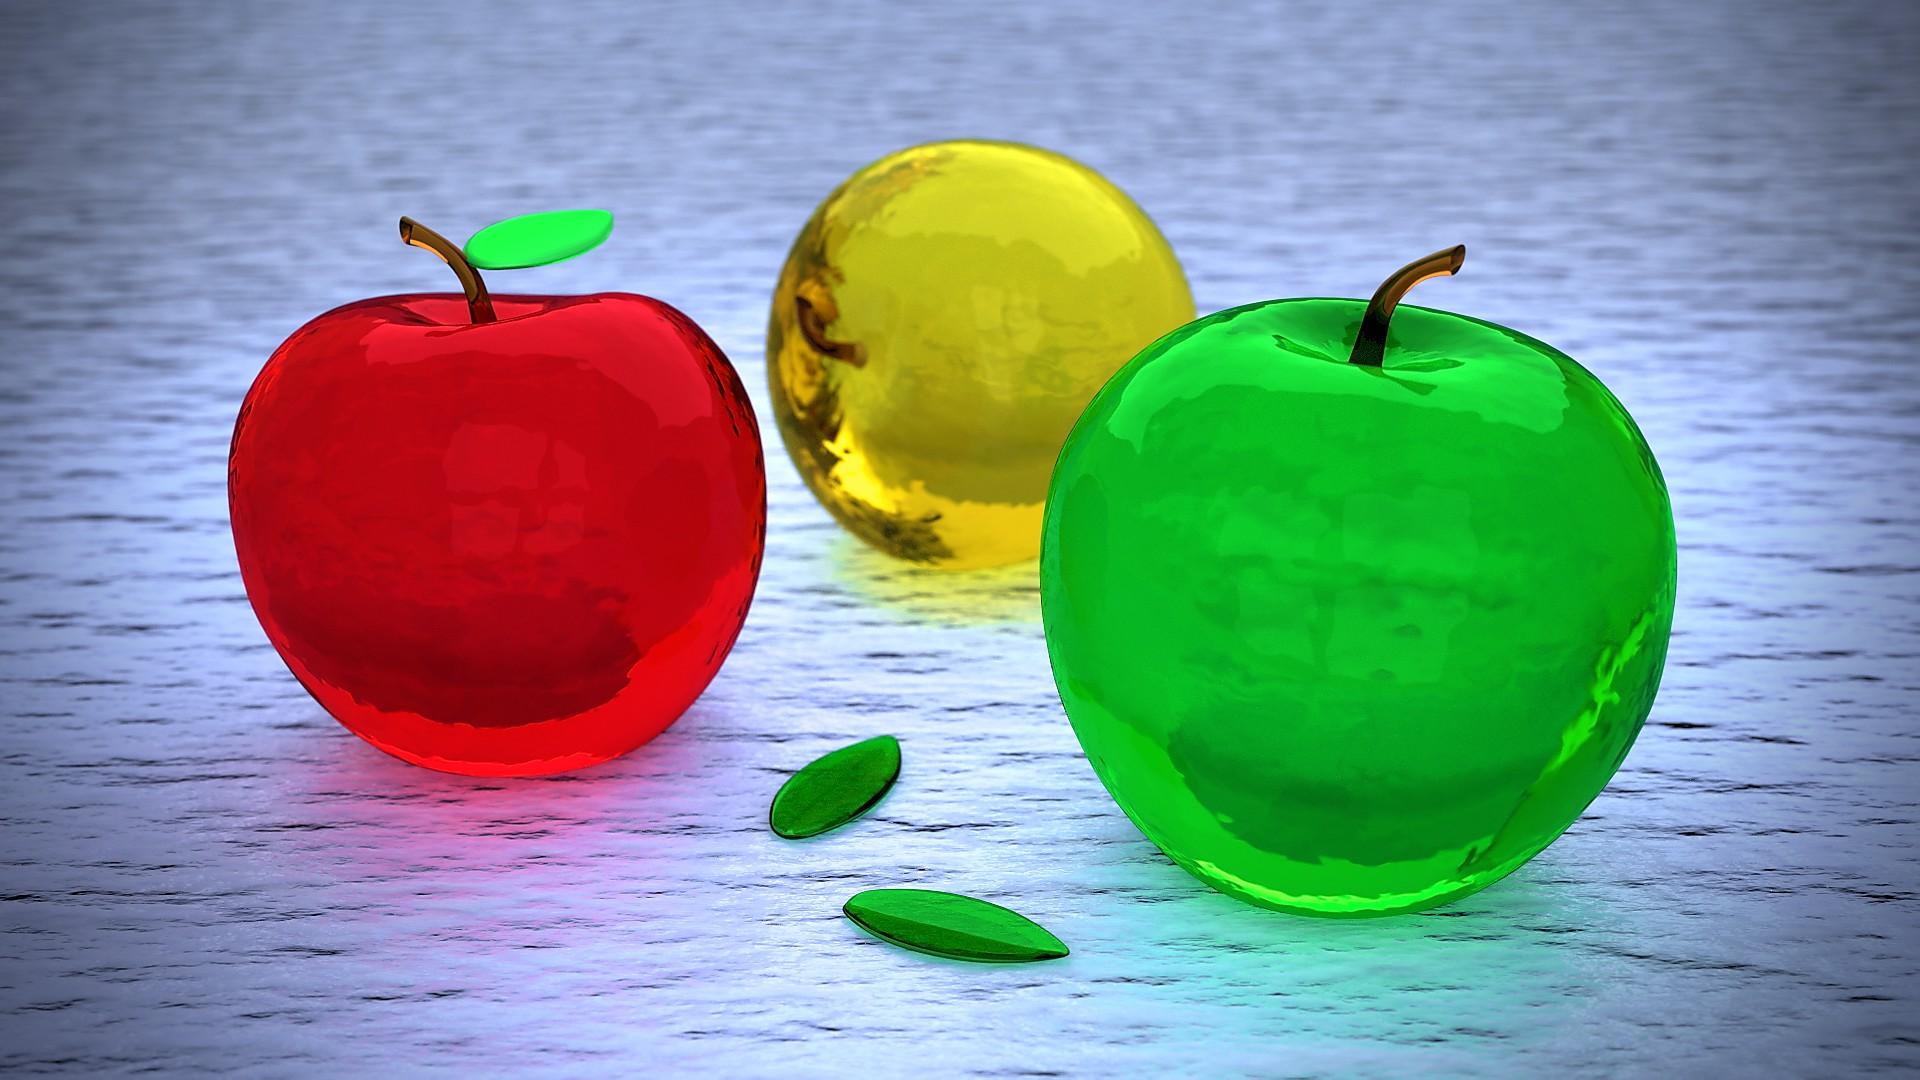 фотографии стеклянного яблока следует только уважать